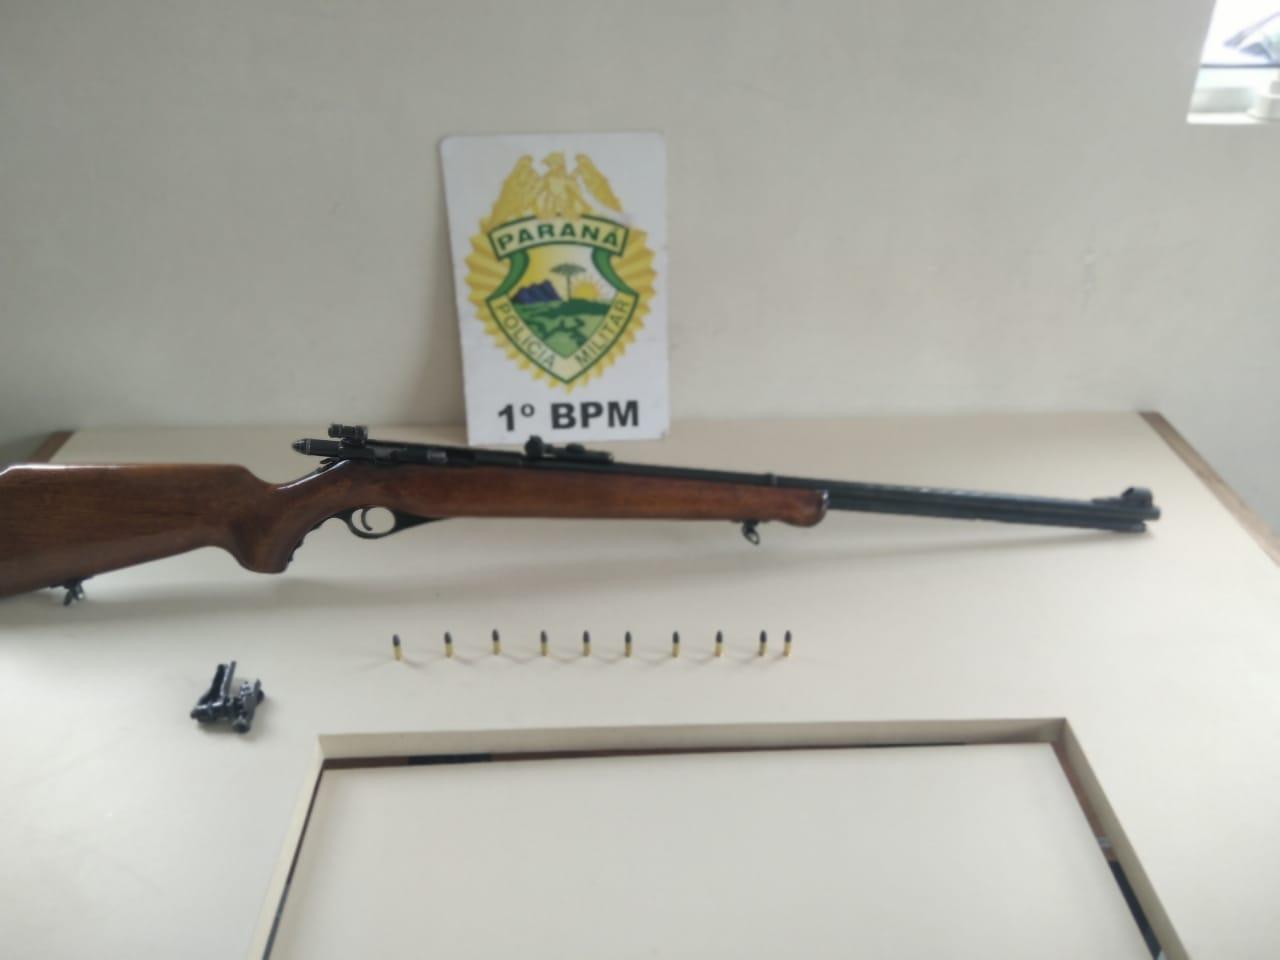 Rapaz de Prudentópolis é preso por venda de arma de fogo em PG